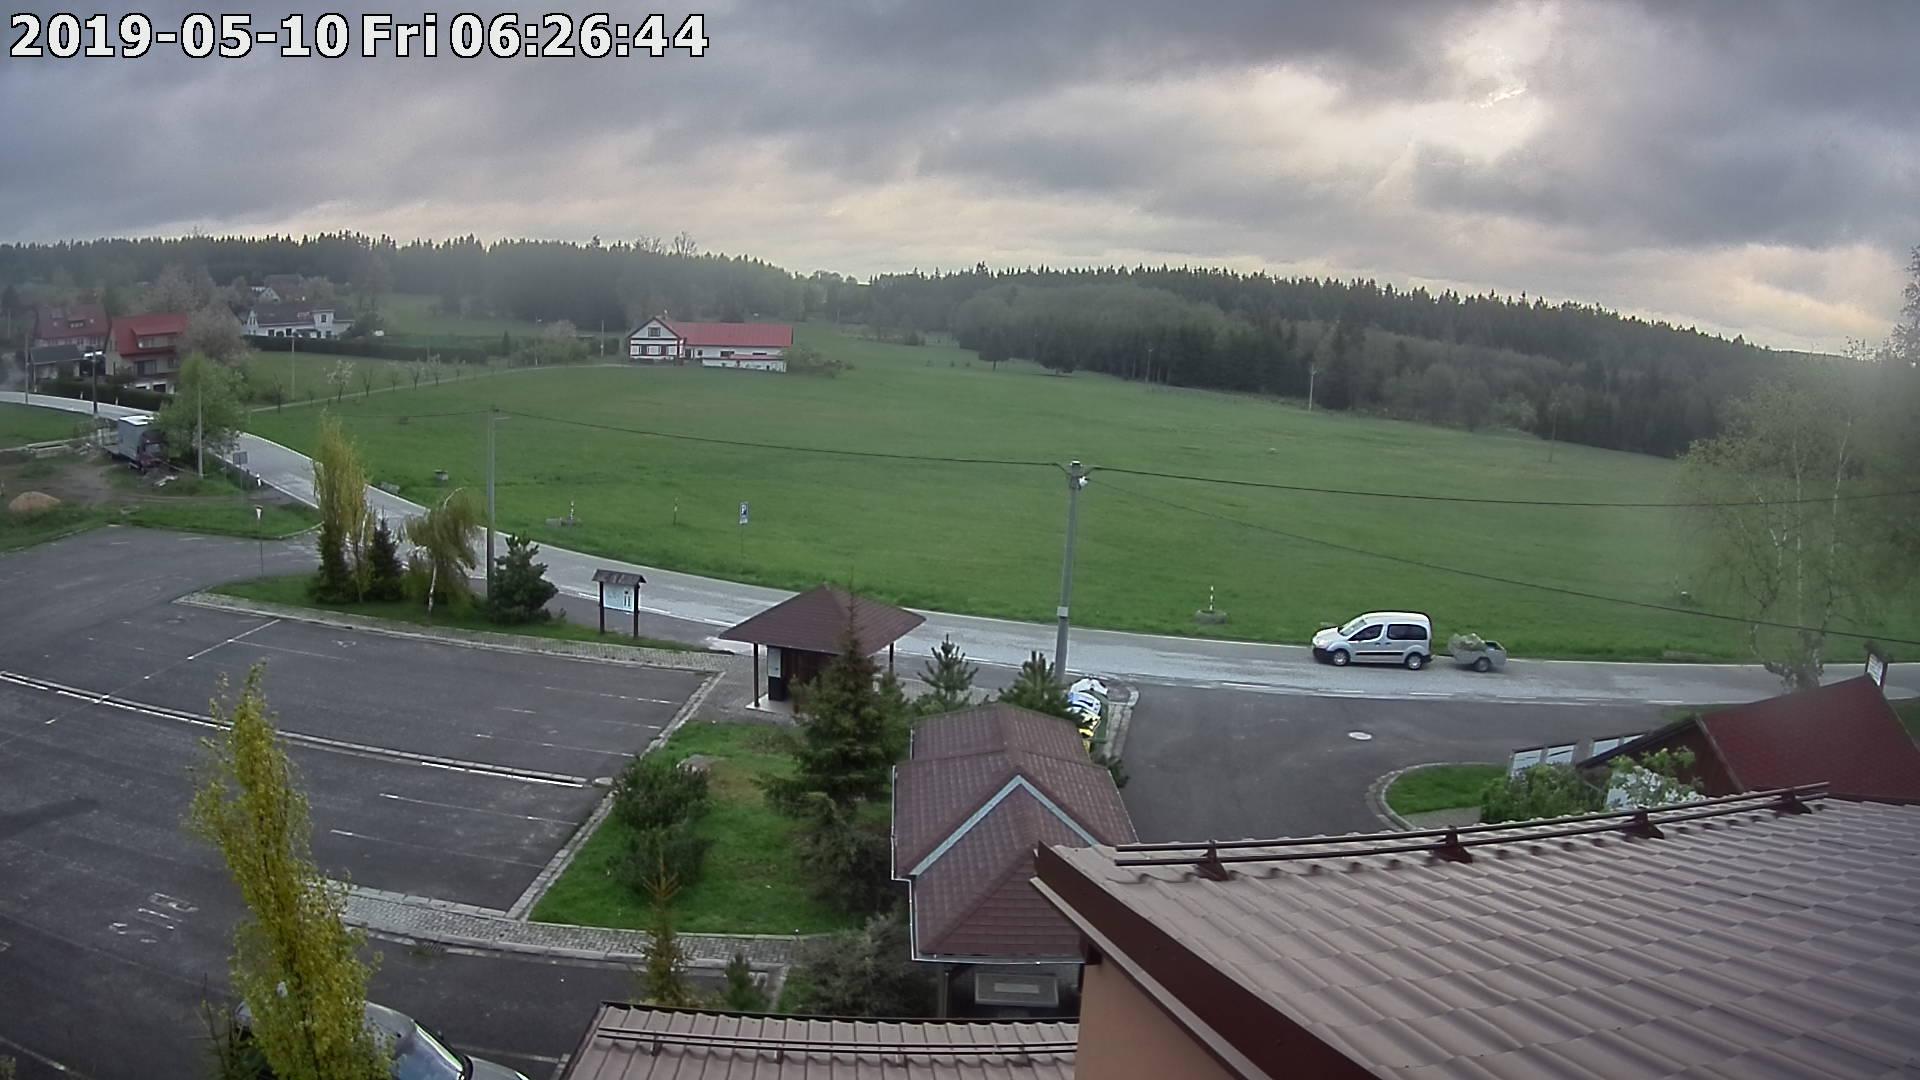 Webkamera ze dne 2019-05-10